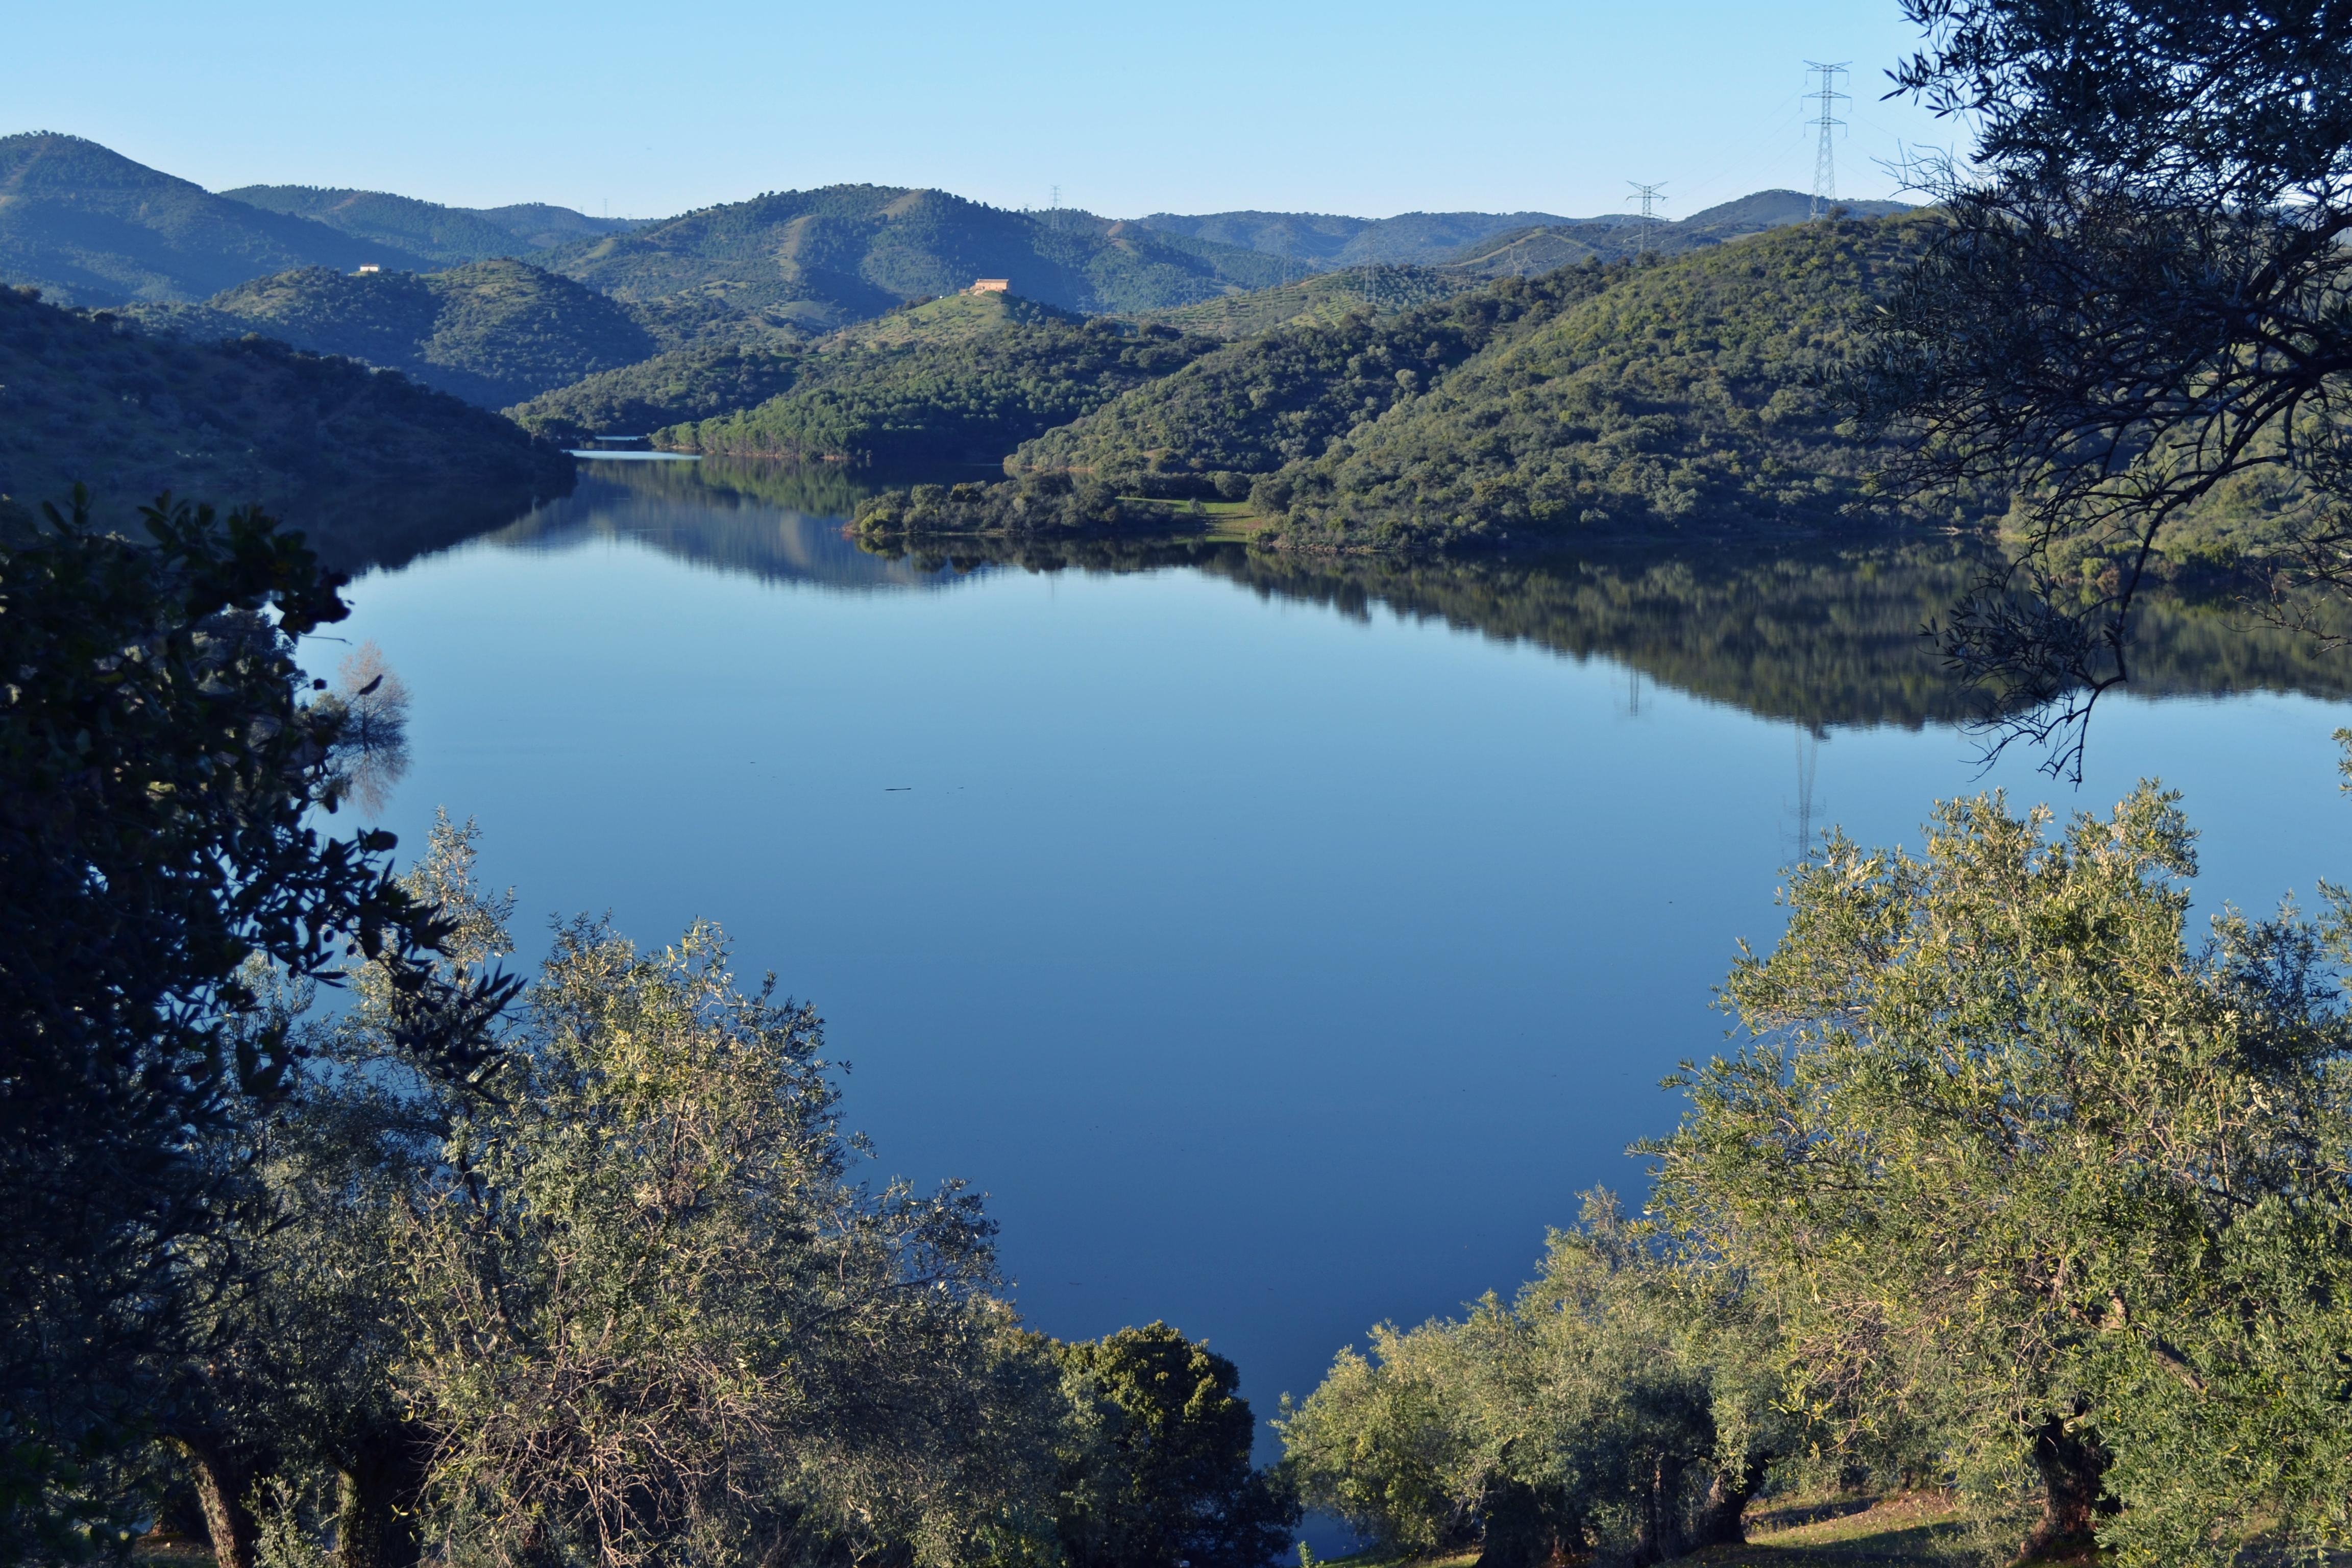 Archivo:Pantano del Yeguas. Parque Natural Sierra de Cardeña y ...